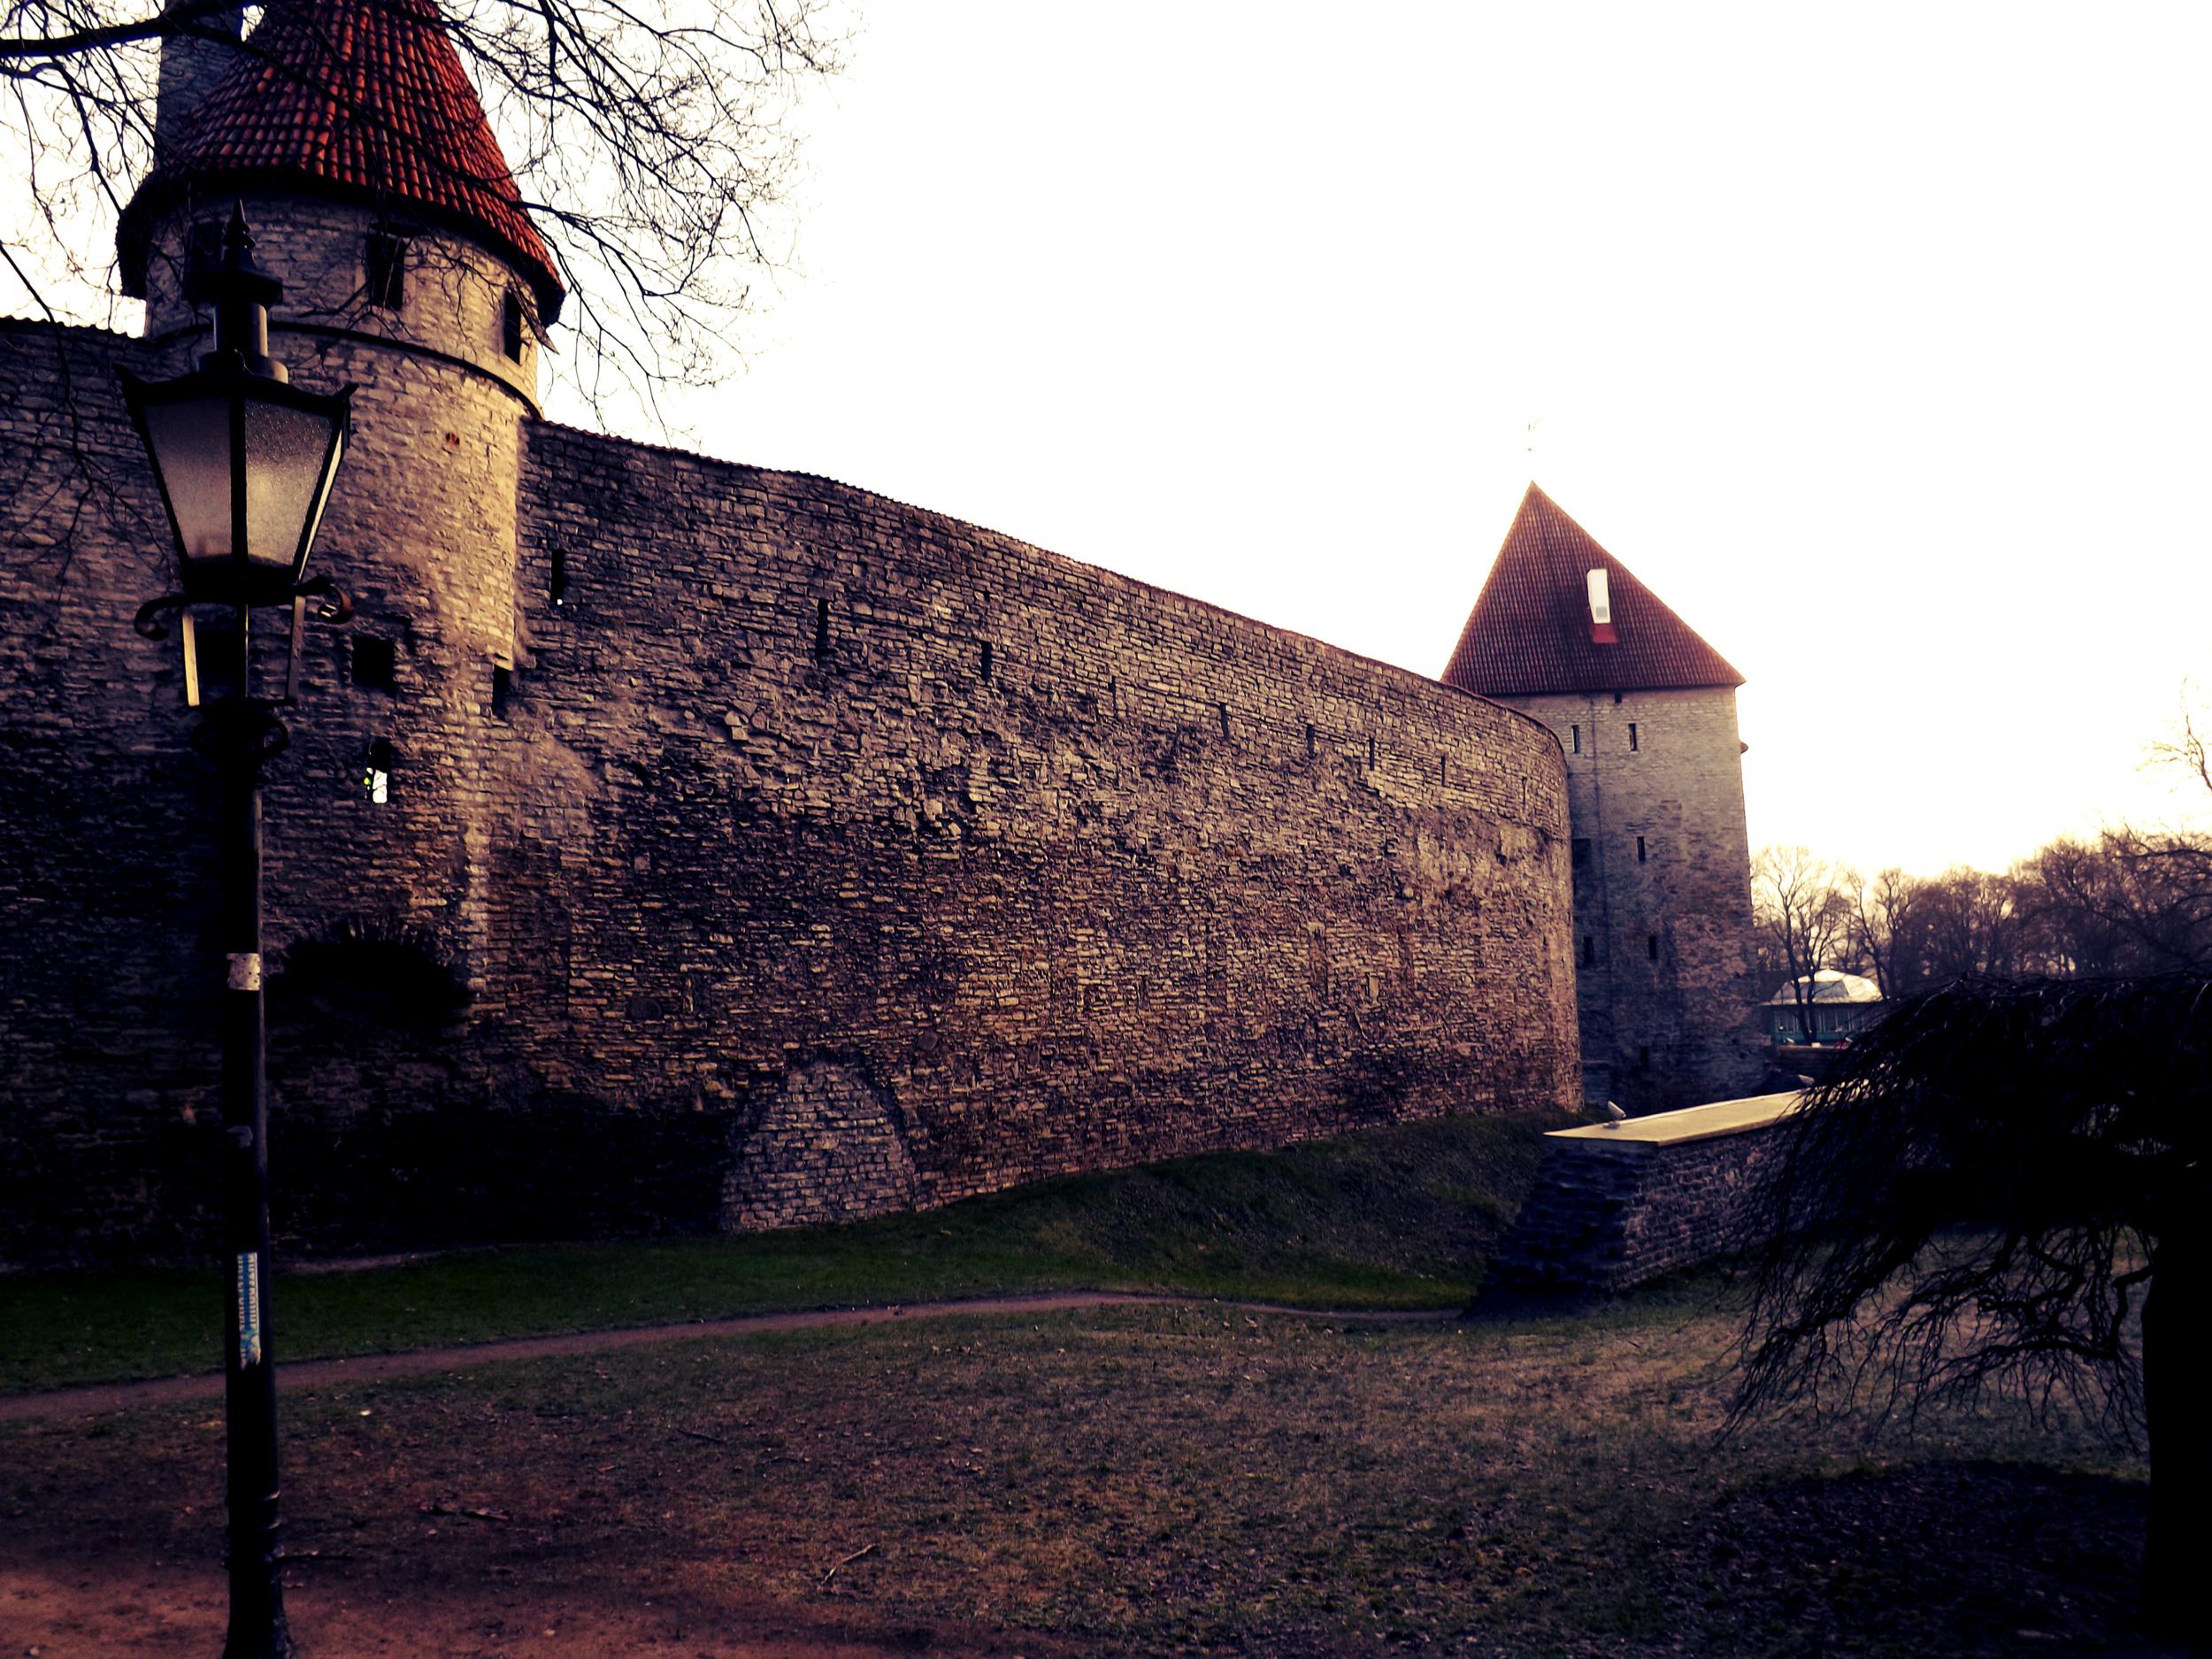 Tallinn Wall and Lamppost | Tall Girl Meets World